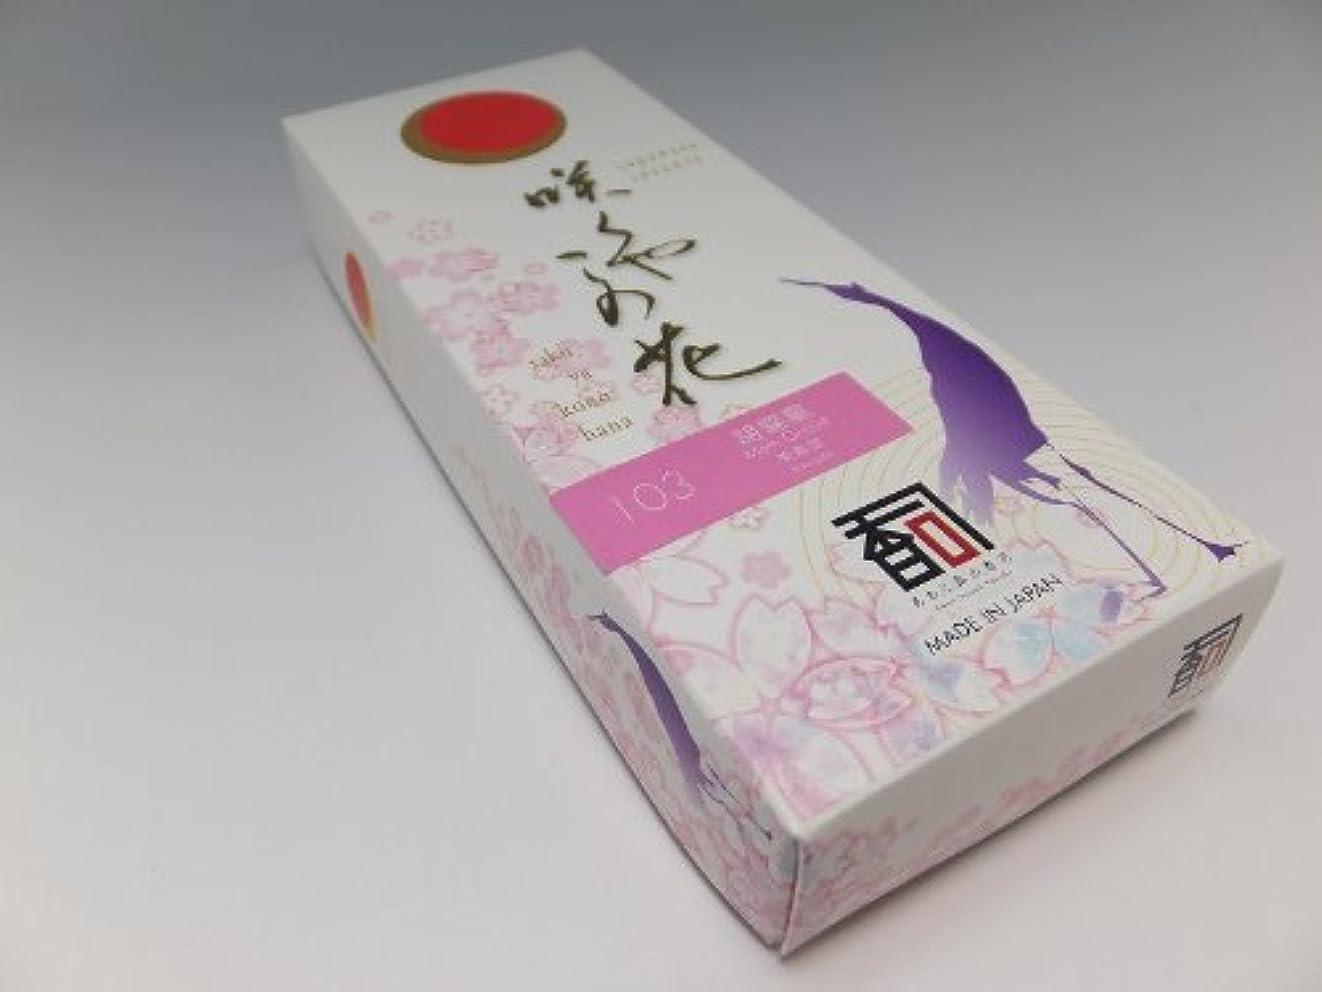 ばかげた実質的に悲しむ「あわじ島の香司」 日本の香りシリーズ  [咲くや この花] 【103】 胡蝶蘭 (有煙)